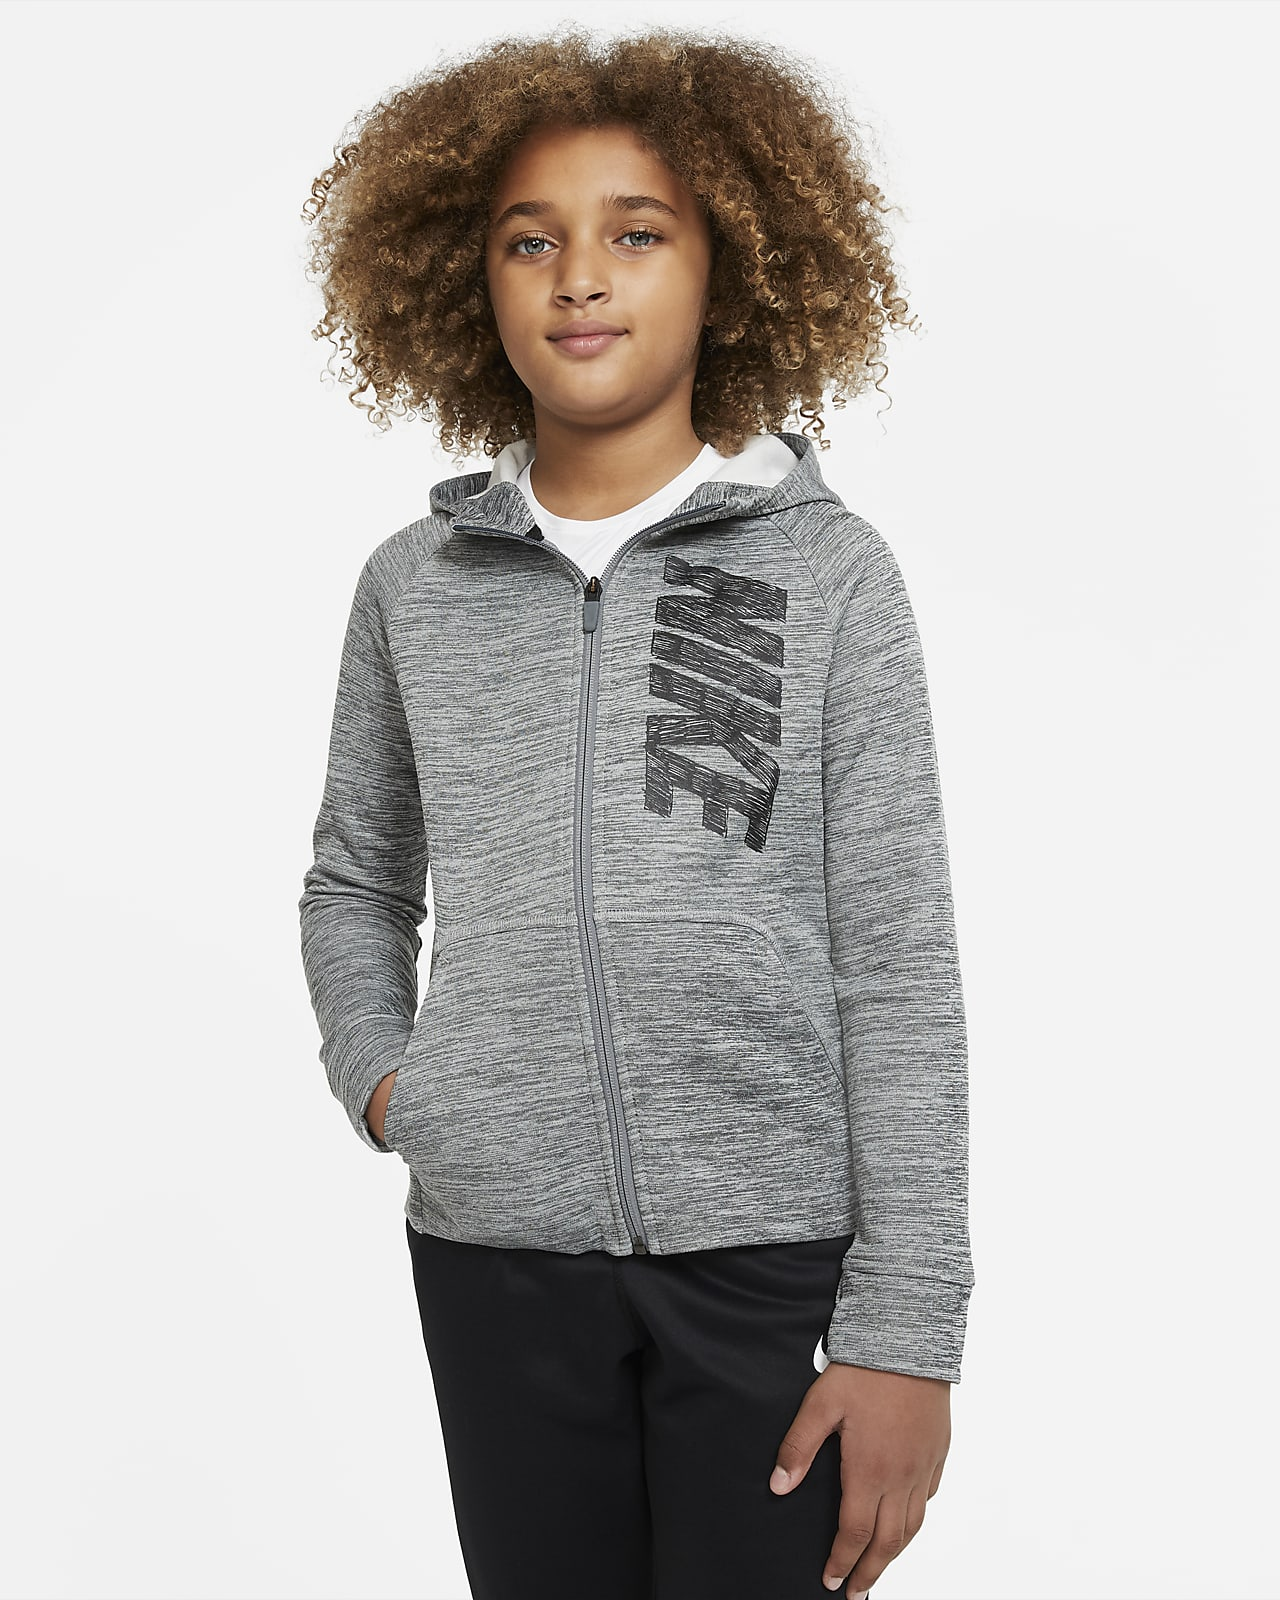 Sudadera con capucha de entrenamiento de cierre completo y gráficos para niño talla grande Nike Therma